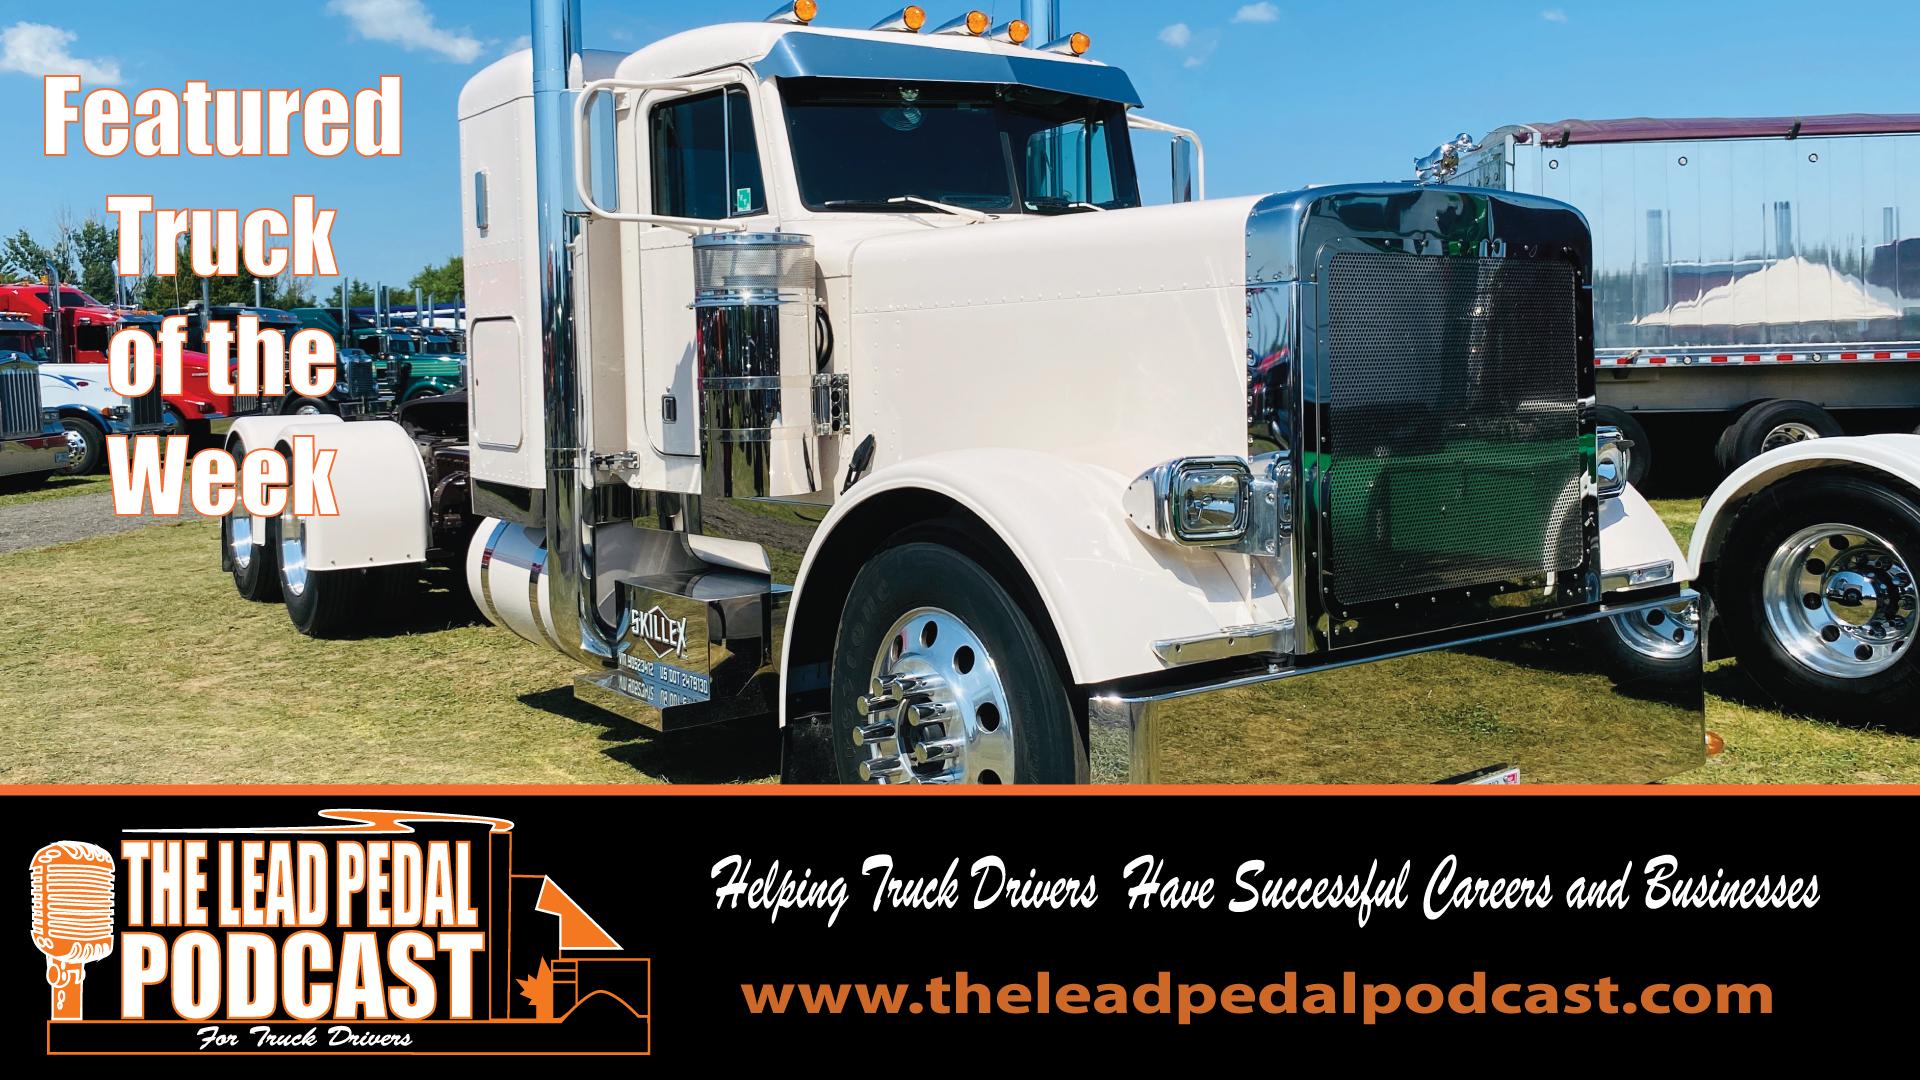 LP615 Featured Truck of the Week - Skillex Peterbilt